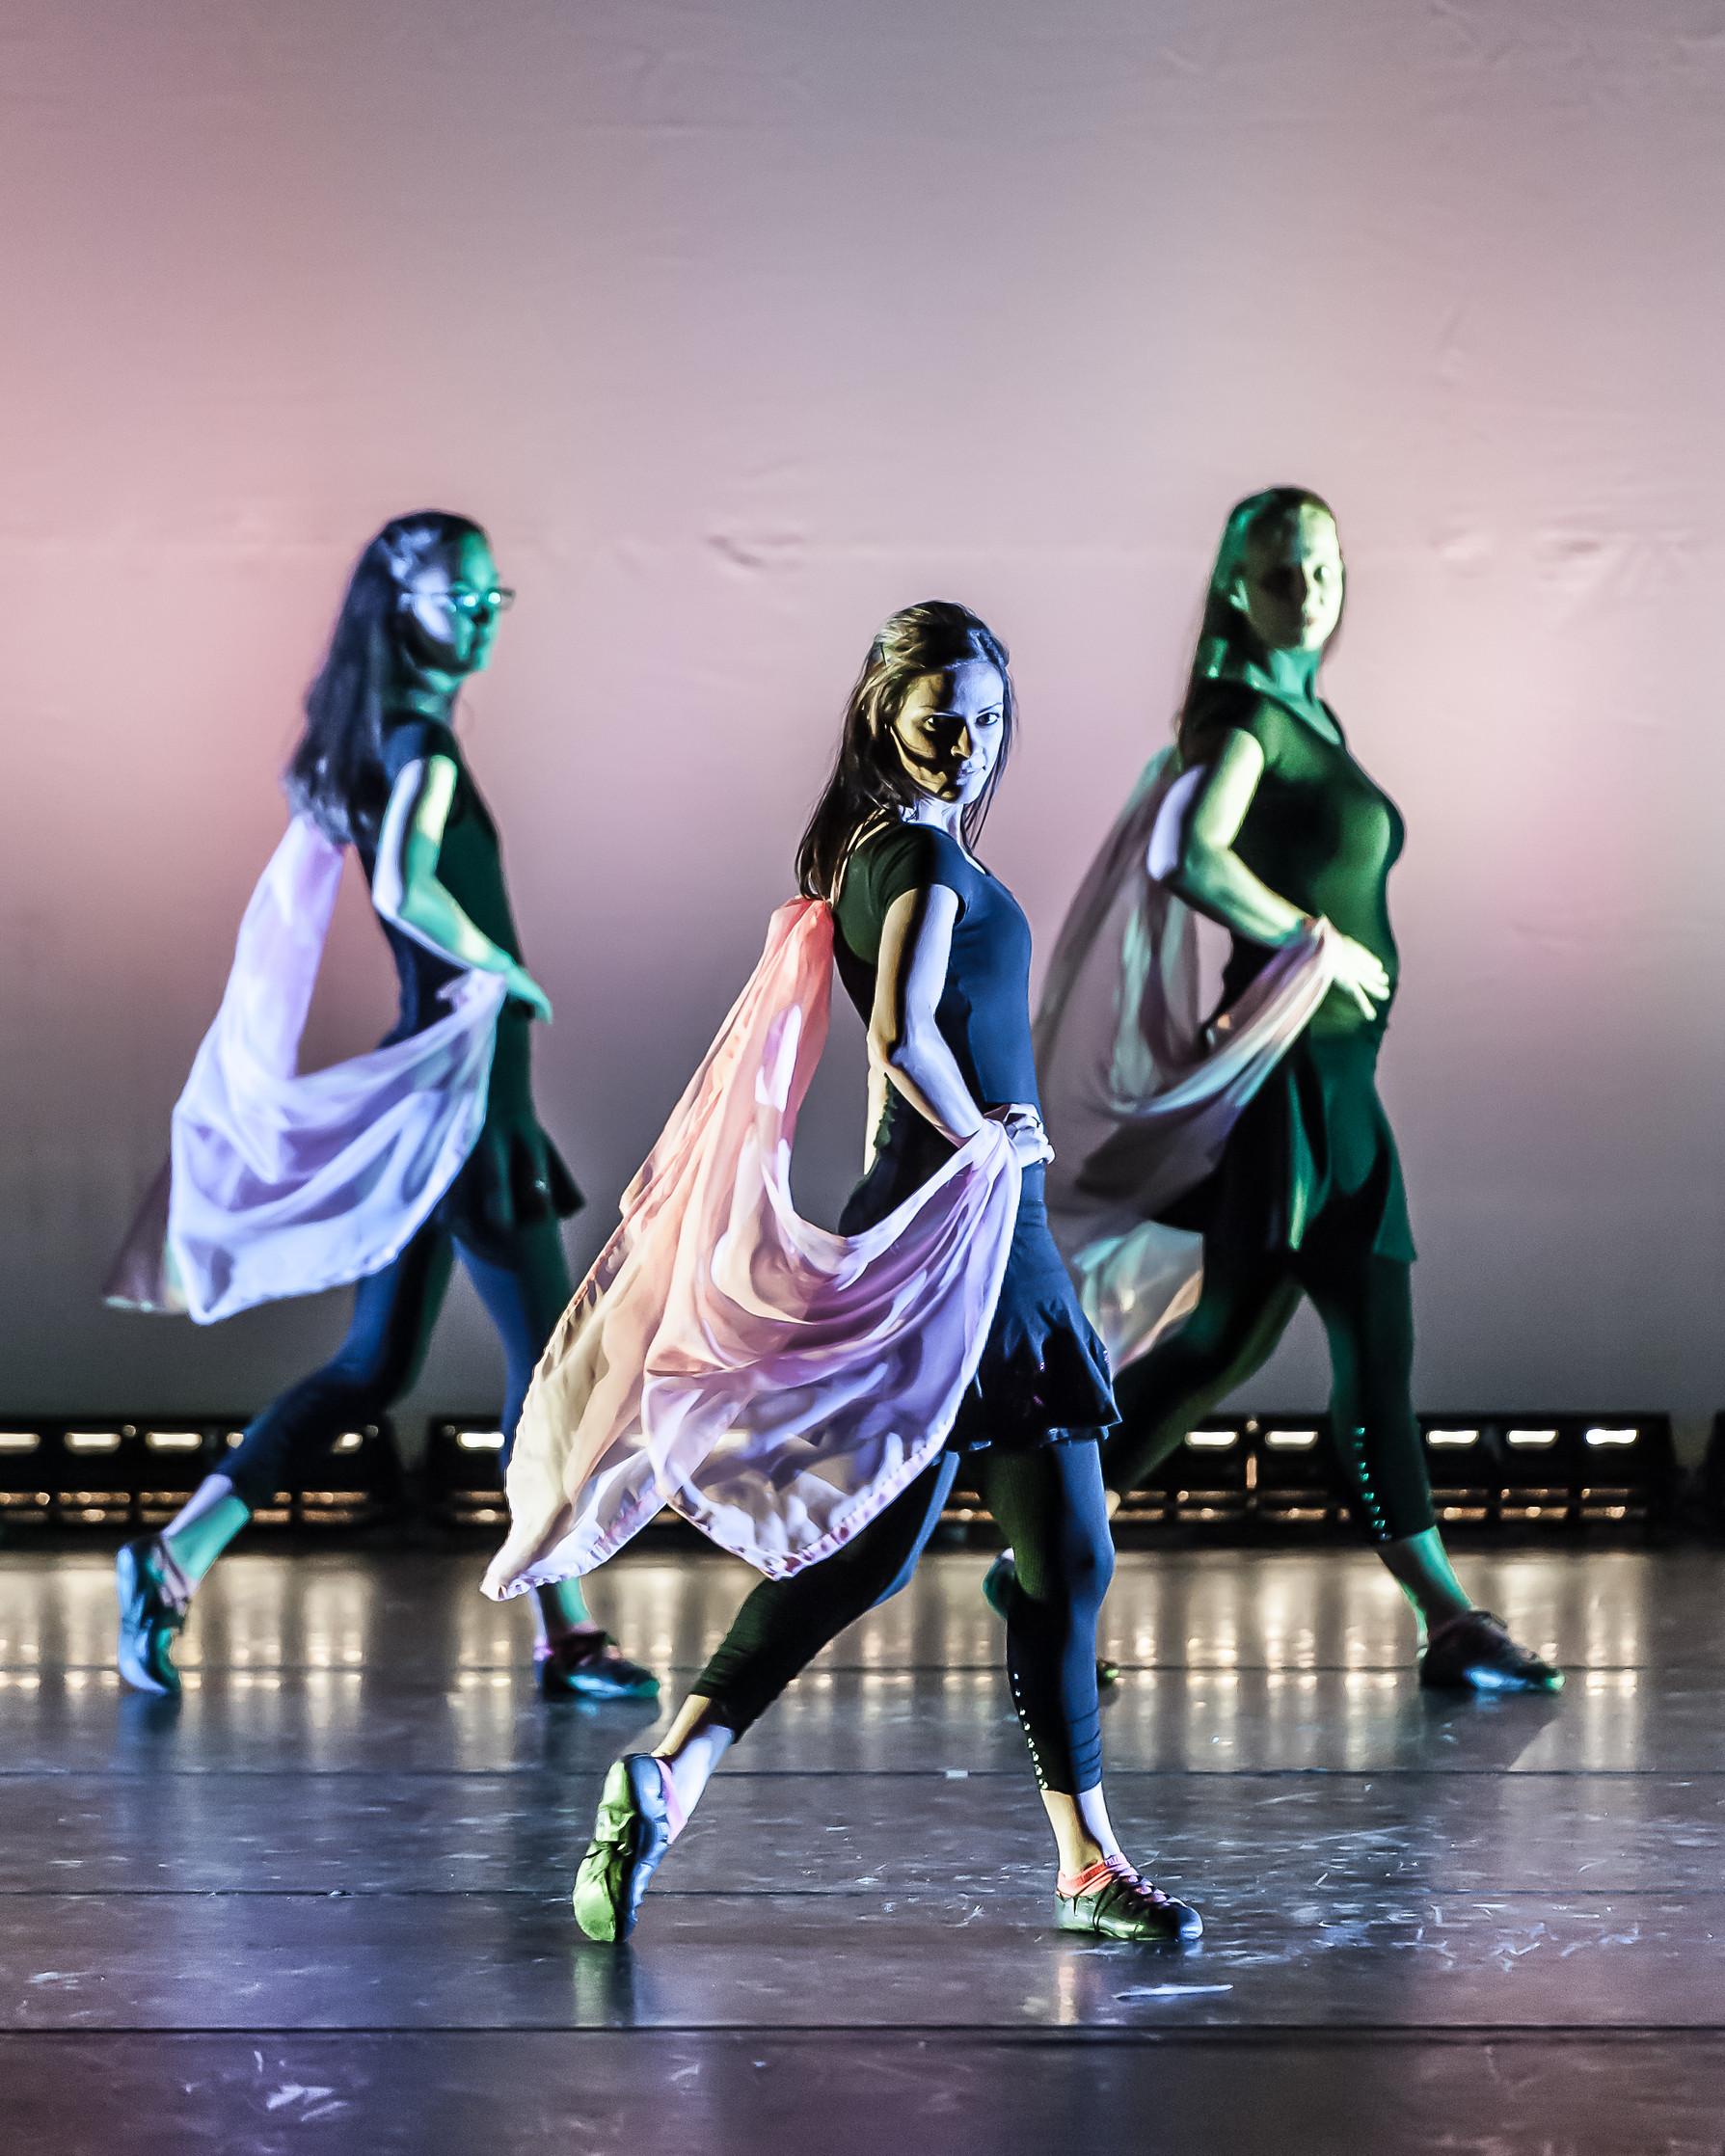 100214SS7_4686_639_Bailando DanceJPG